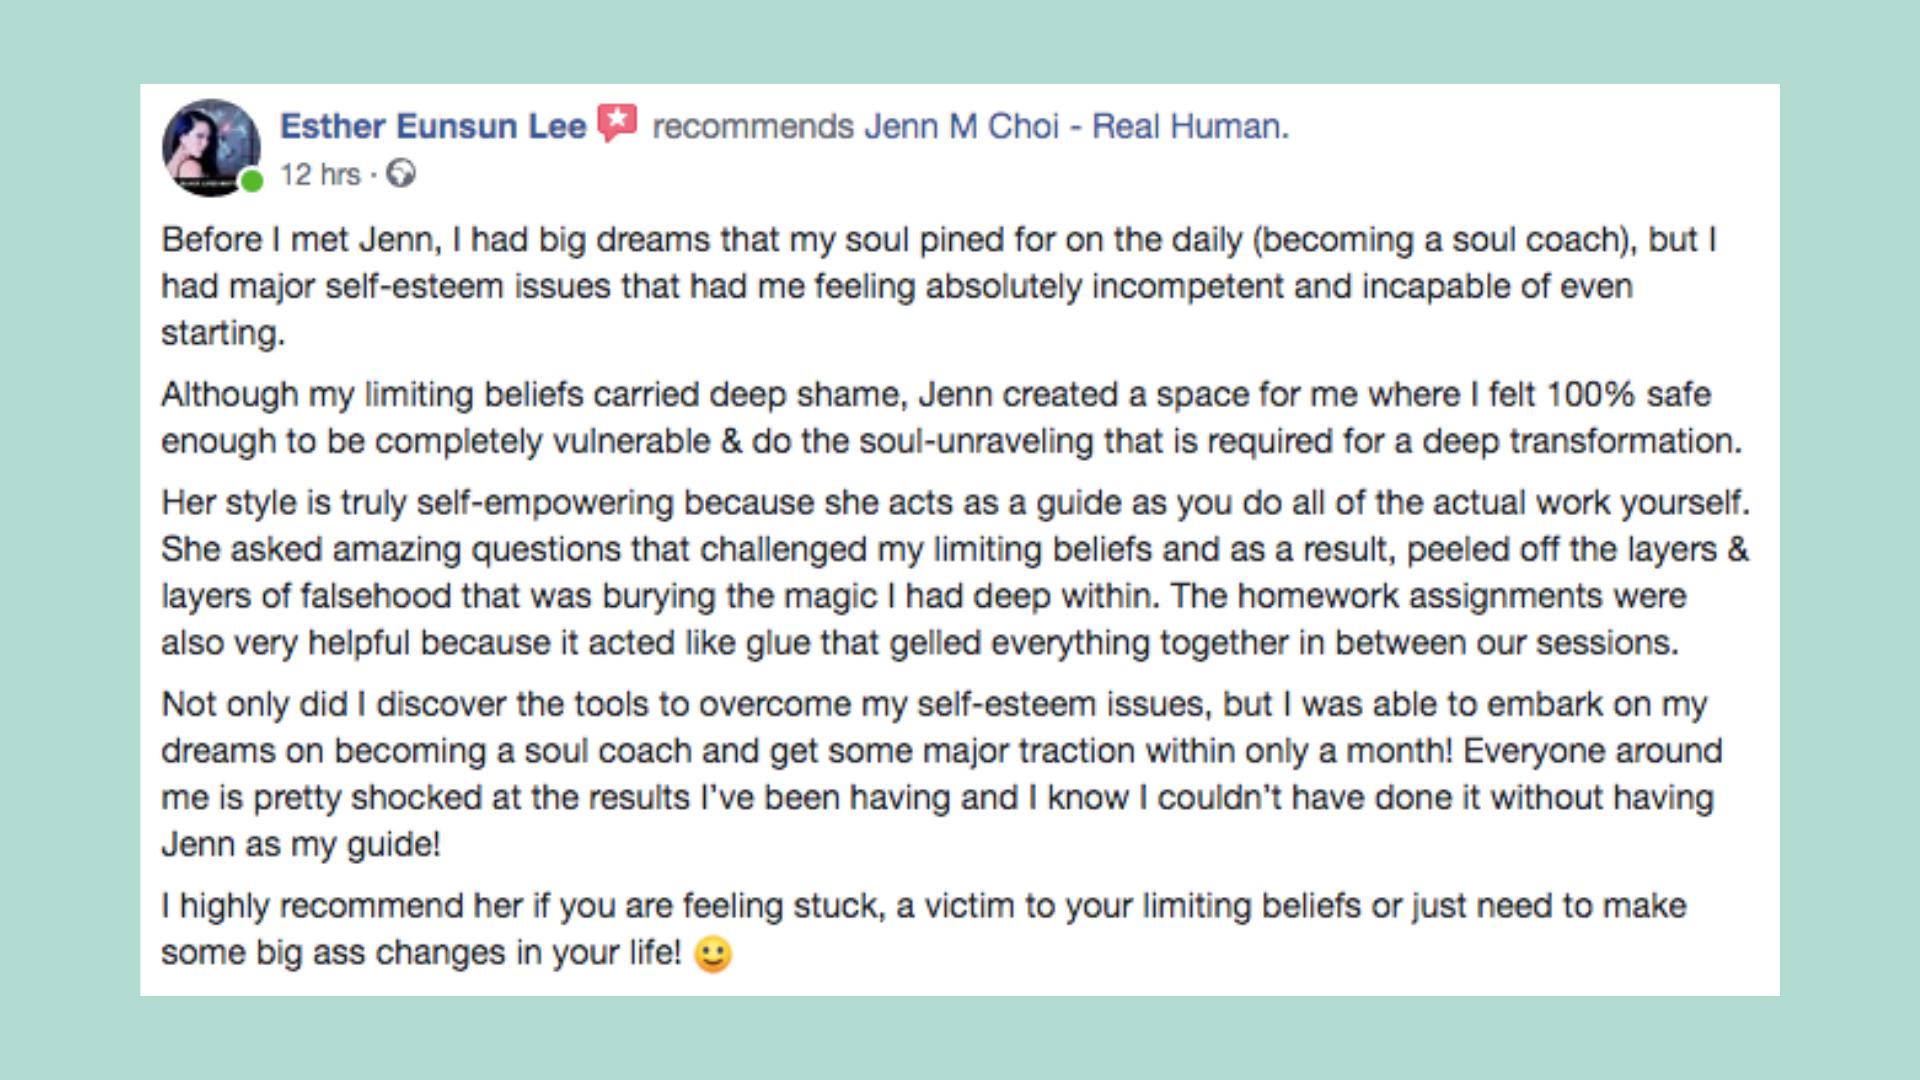 Esther Testimonial Jenn M Choi Coach